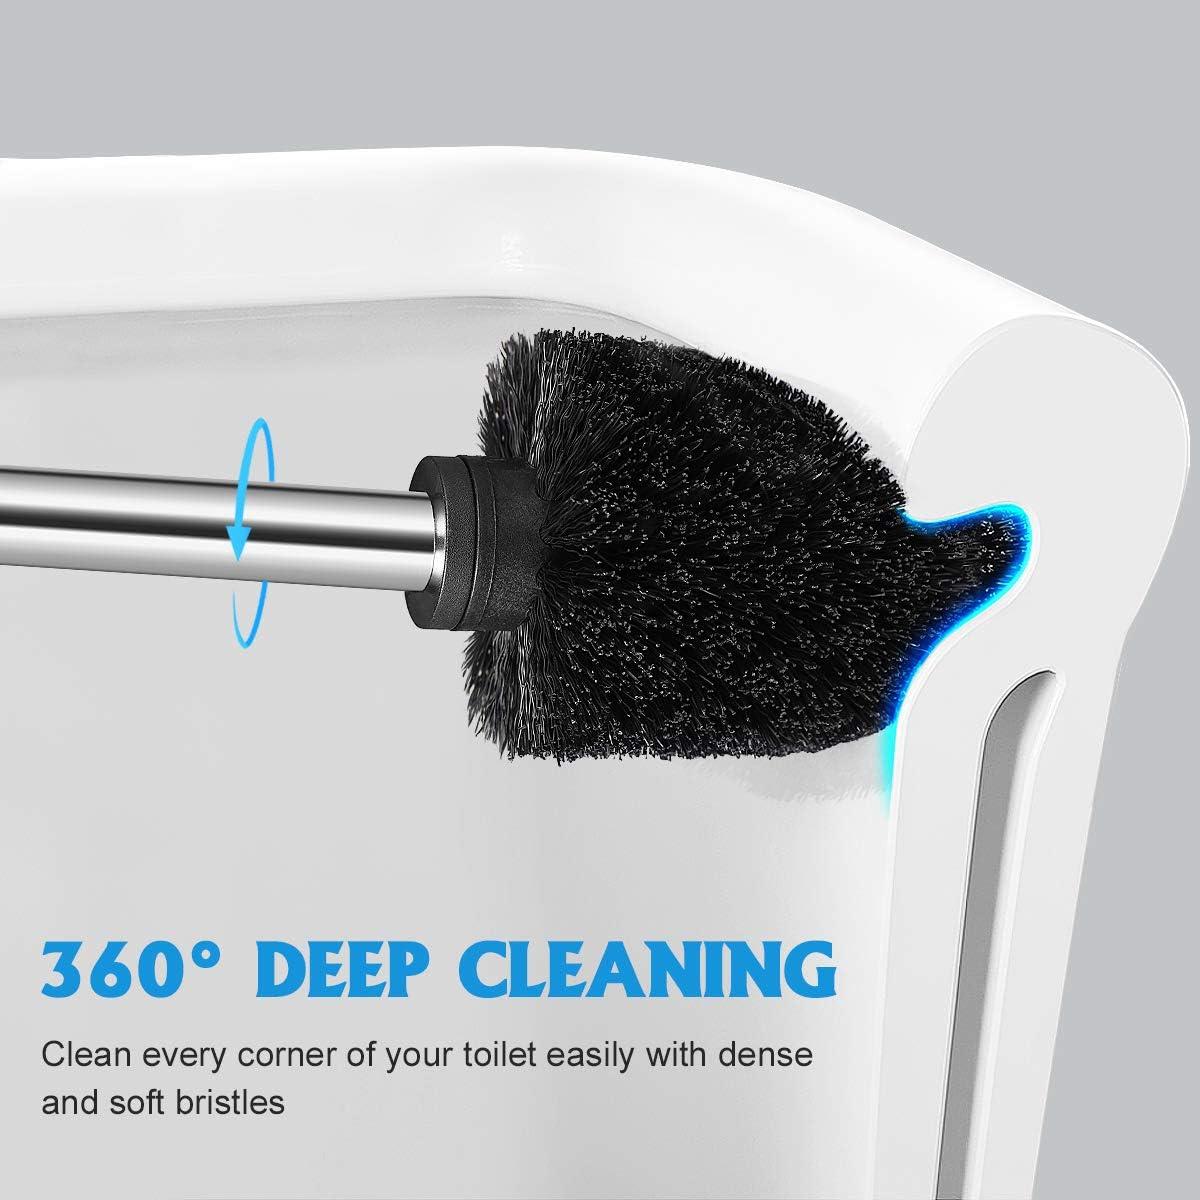 Toilet Brush and Holder 2 Pack, Heavy Duty Stainless Steel Length Handle Toilet Bowl Brush Set